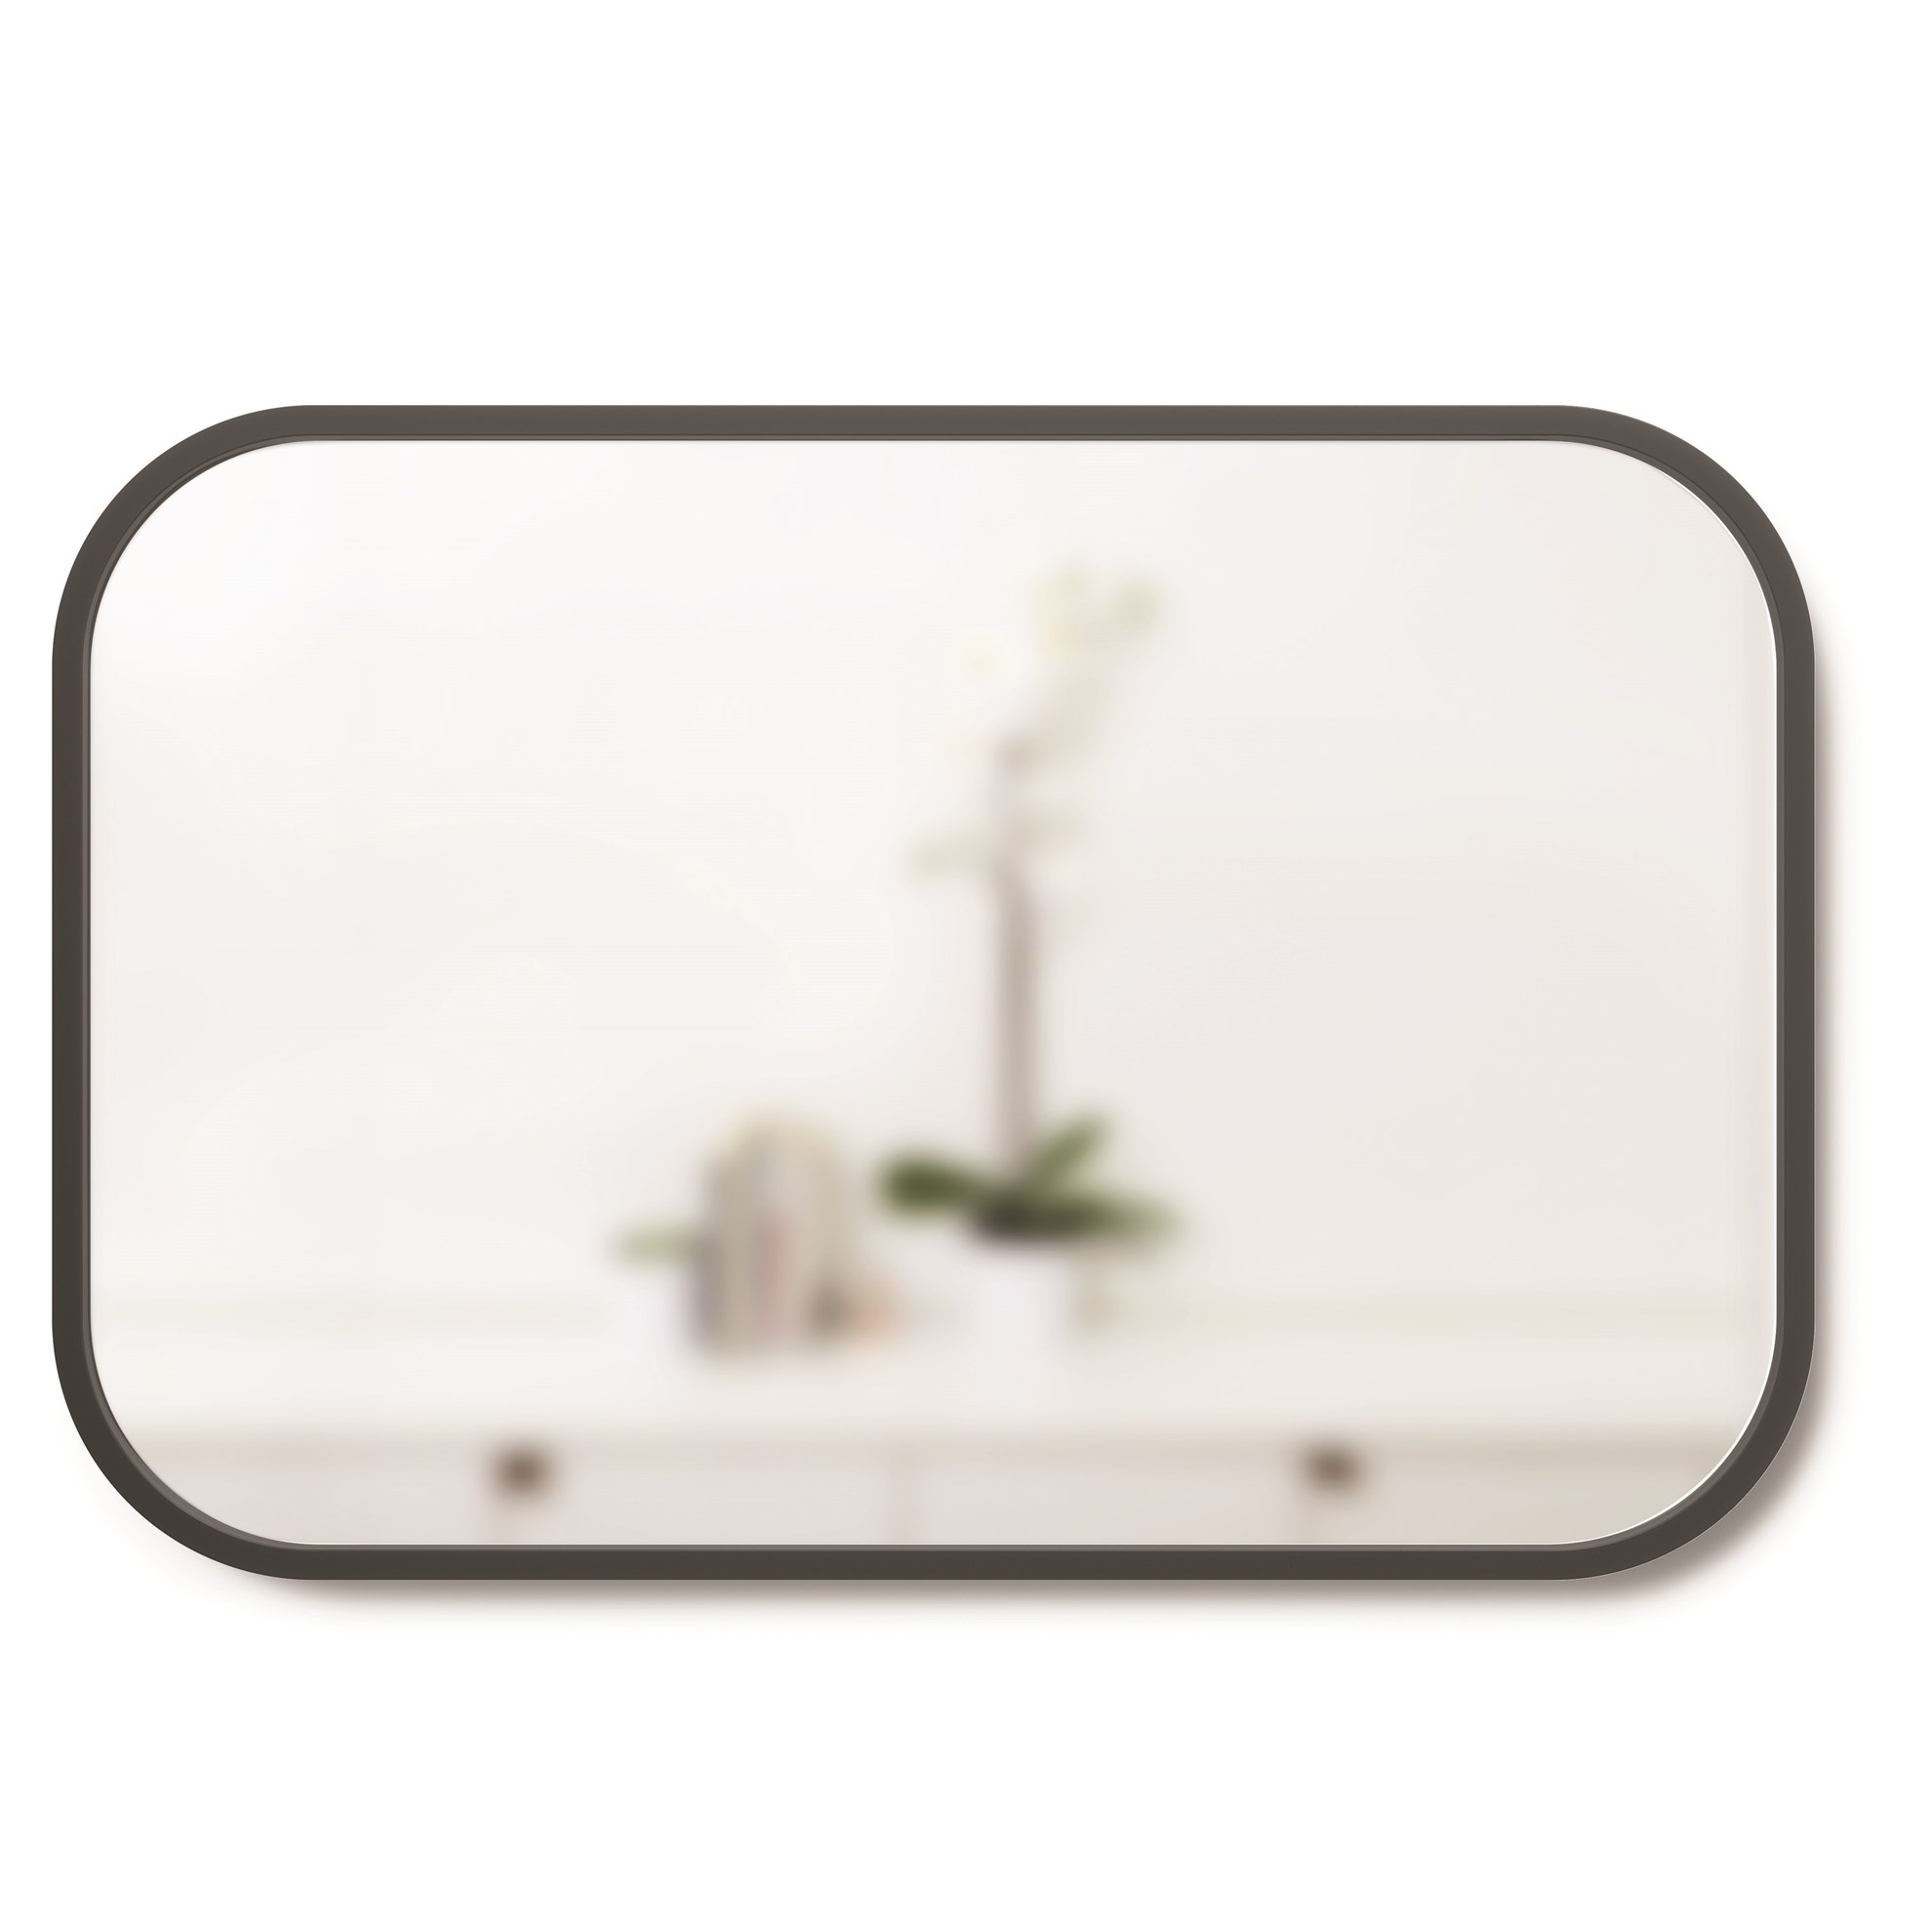 Zrcadlo HUB 61x91 cm černé_0